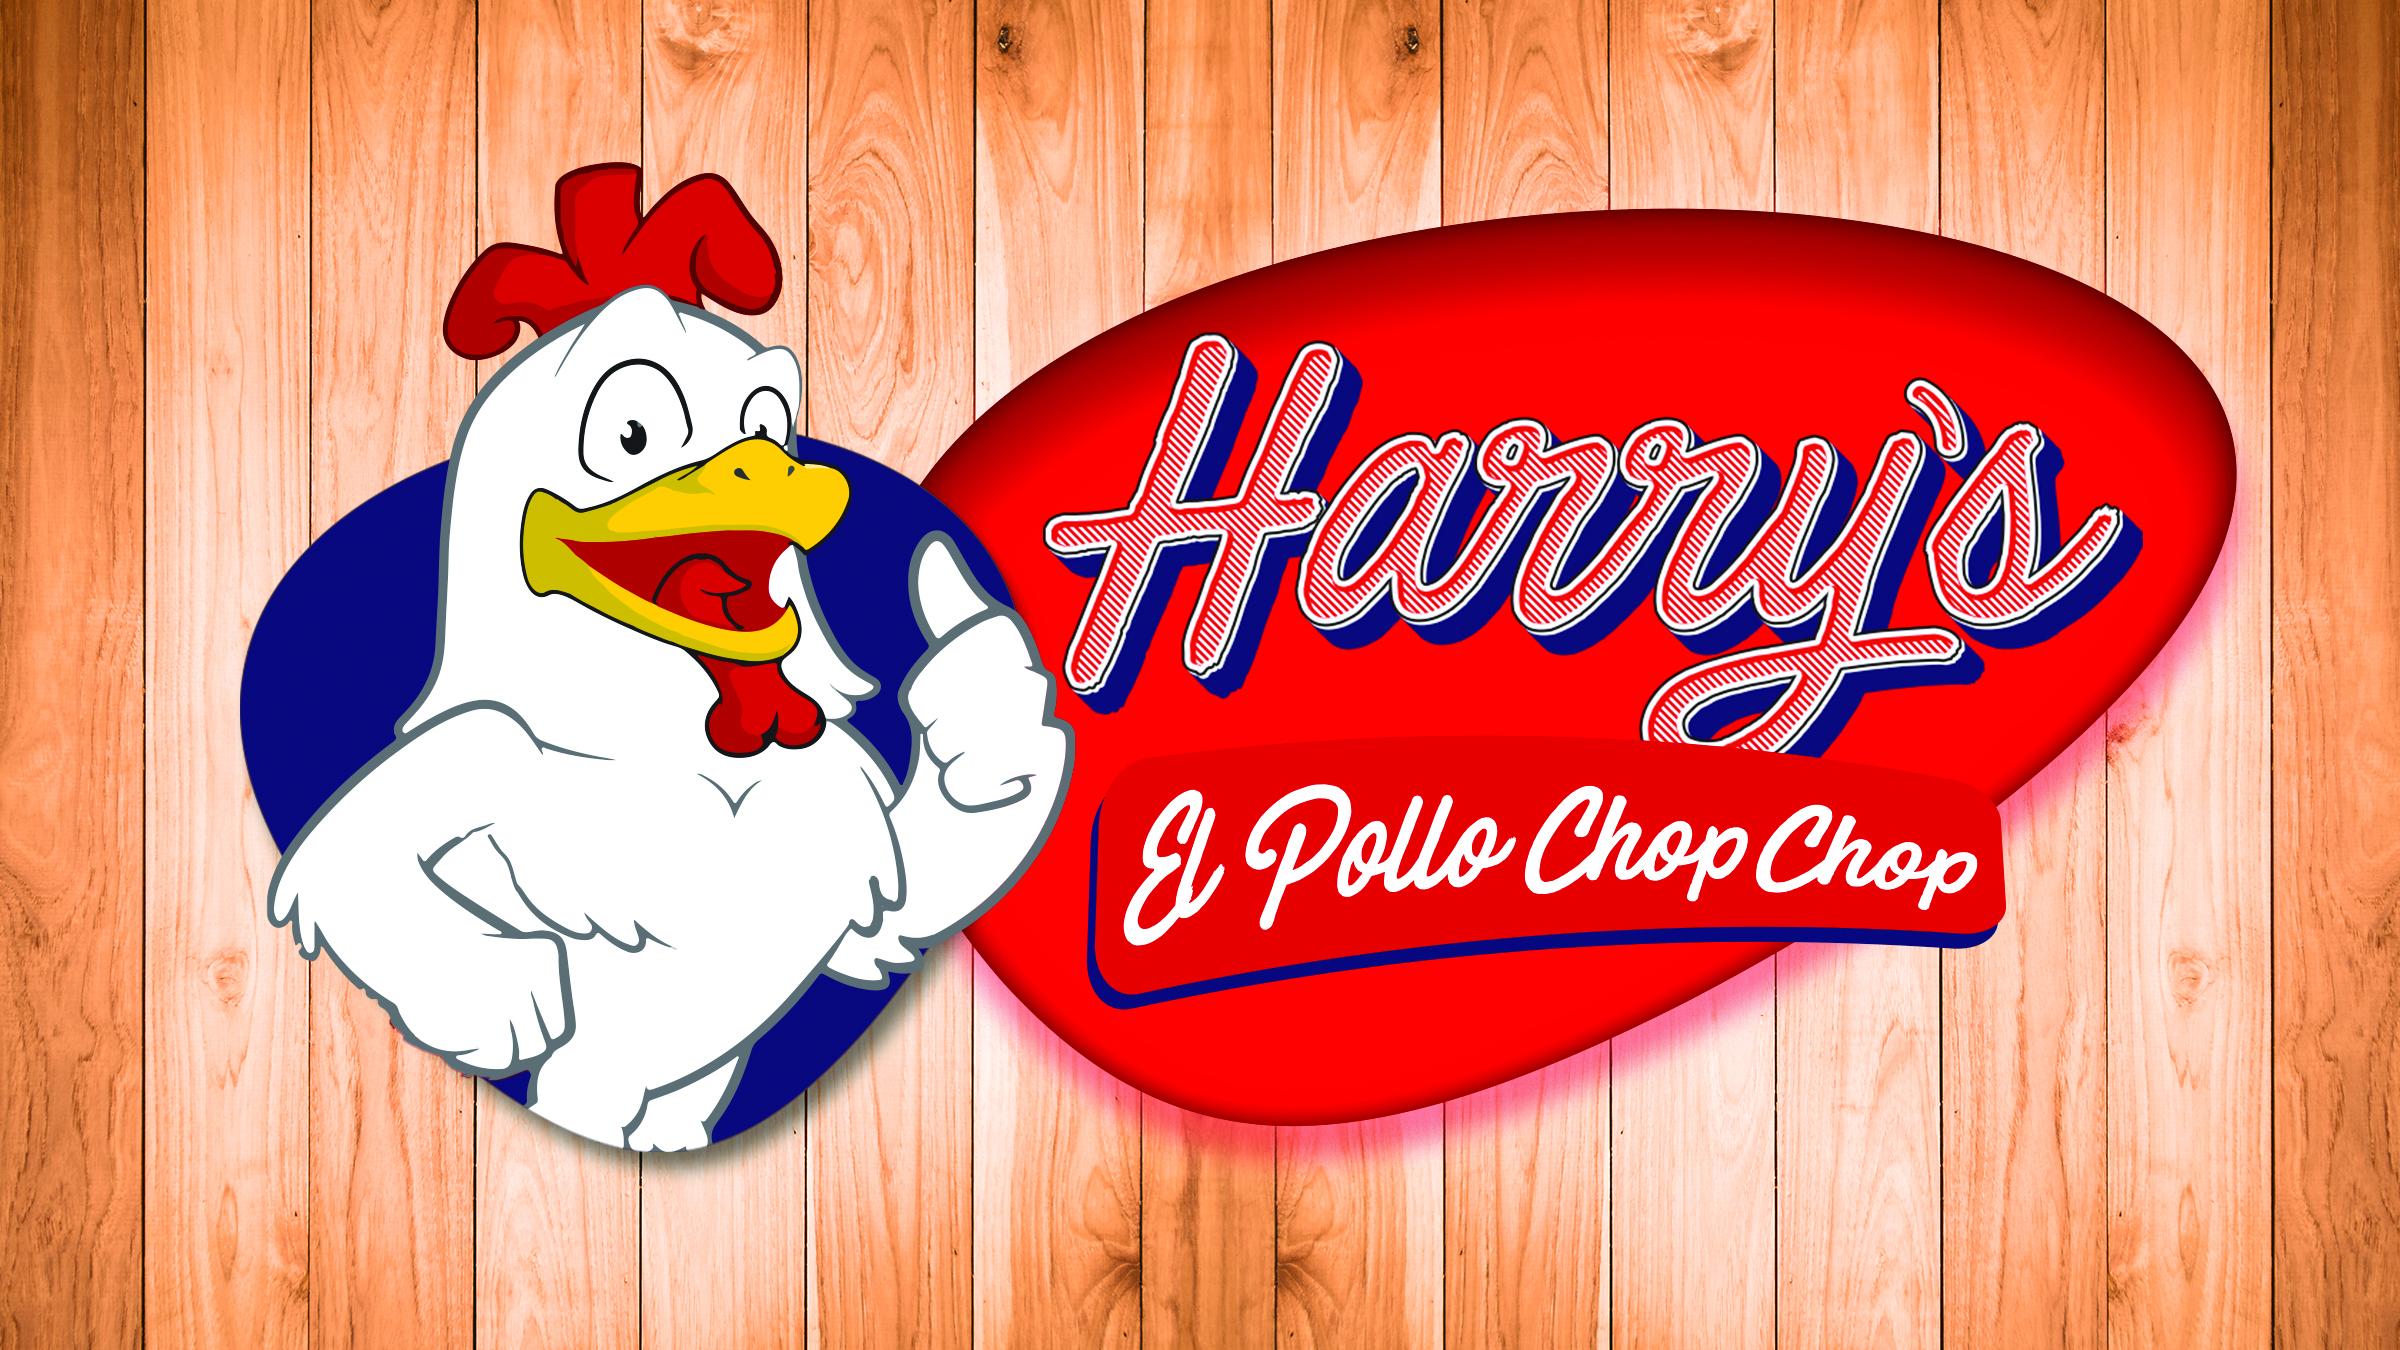 Harrys El Pollo Chop Chop